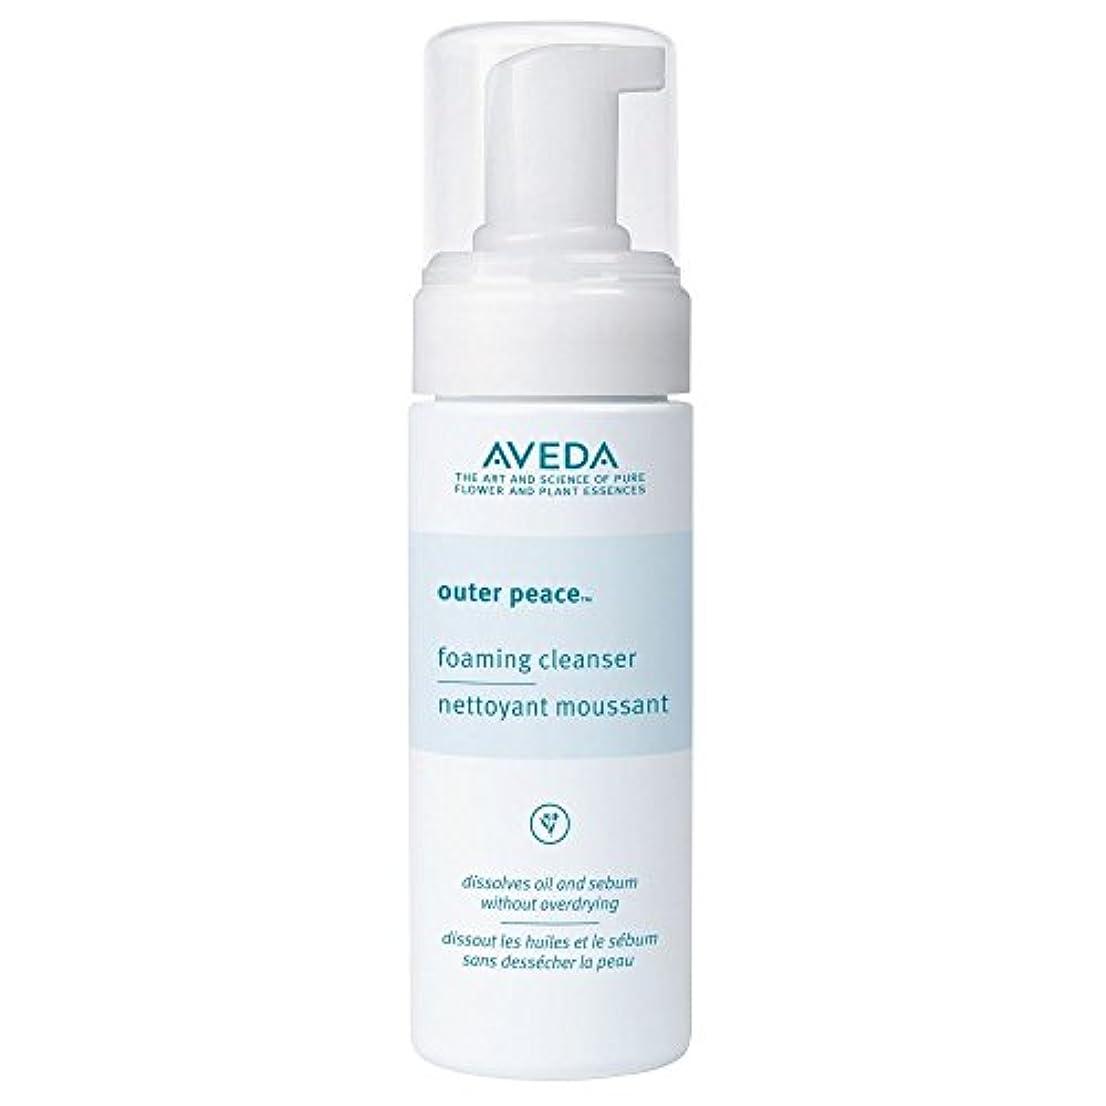 検査官バッジスペクトラム[AVEDA] アヴェダ外平和フォーミングクレンザー、125ミリリットル - Aveda Outer Peace Foaming Cleanser, 125ml [並行輸入品]